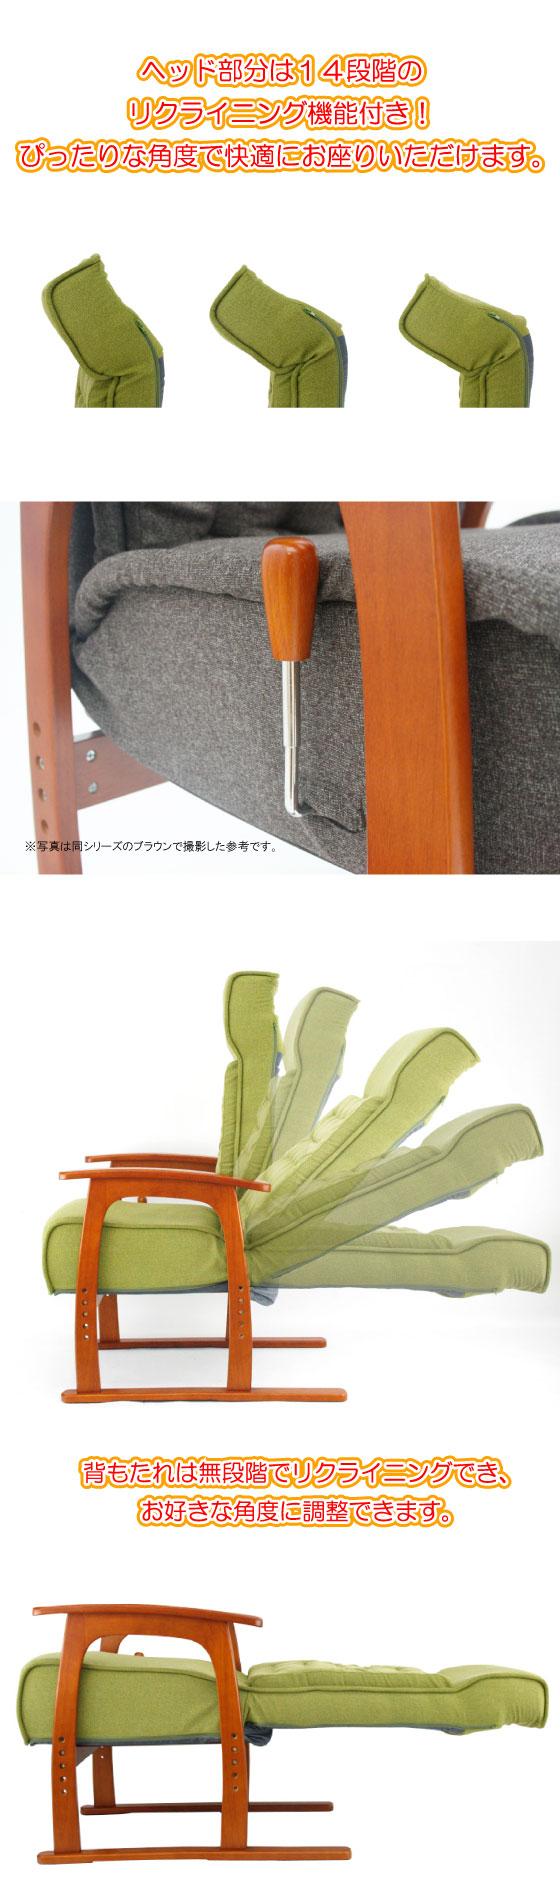 ポケットコイル仕様・無段階リクライニングフロアチェア(グリーン)